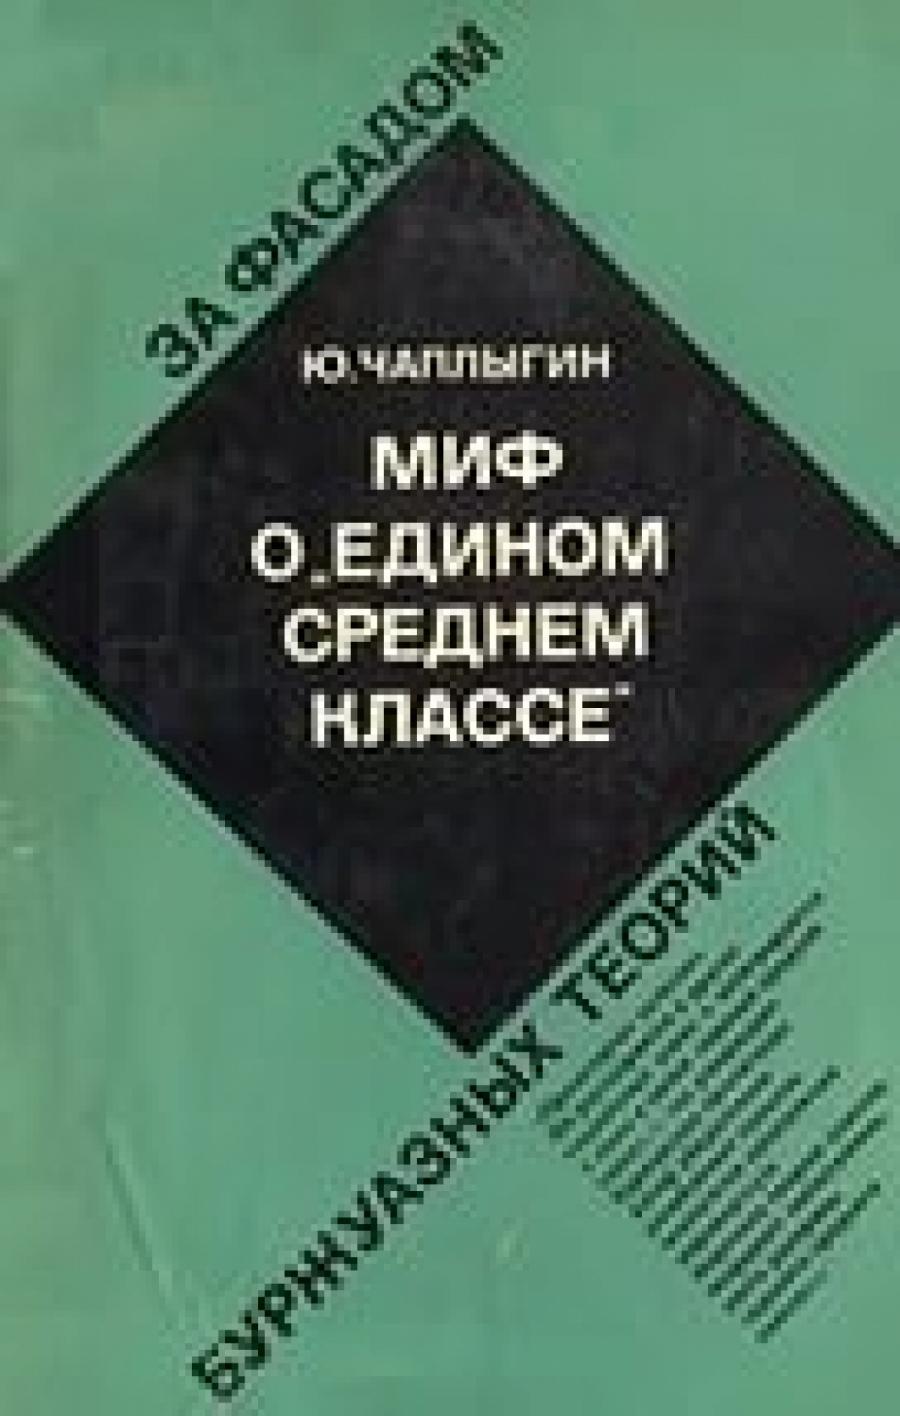 Обложка книги:  чаплыгин юрий петрович - миф о «едином среднем классе»